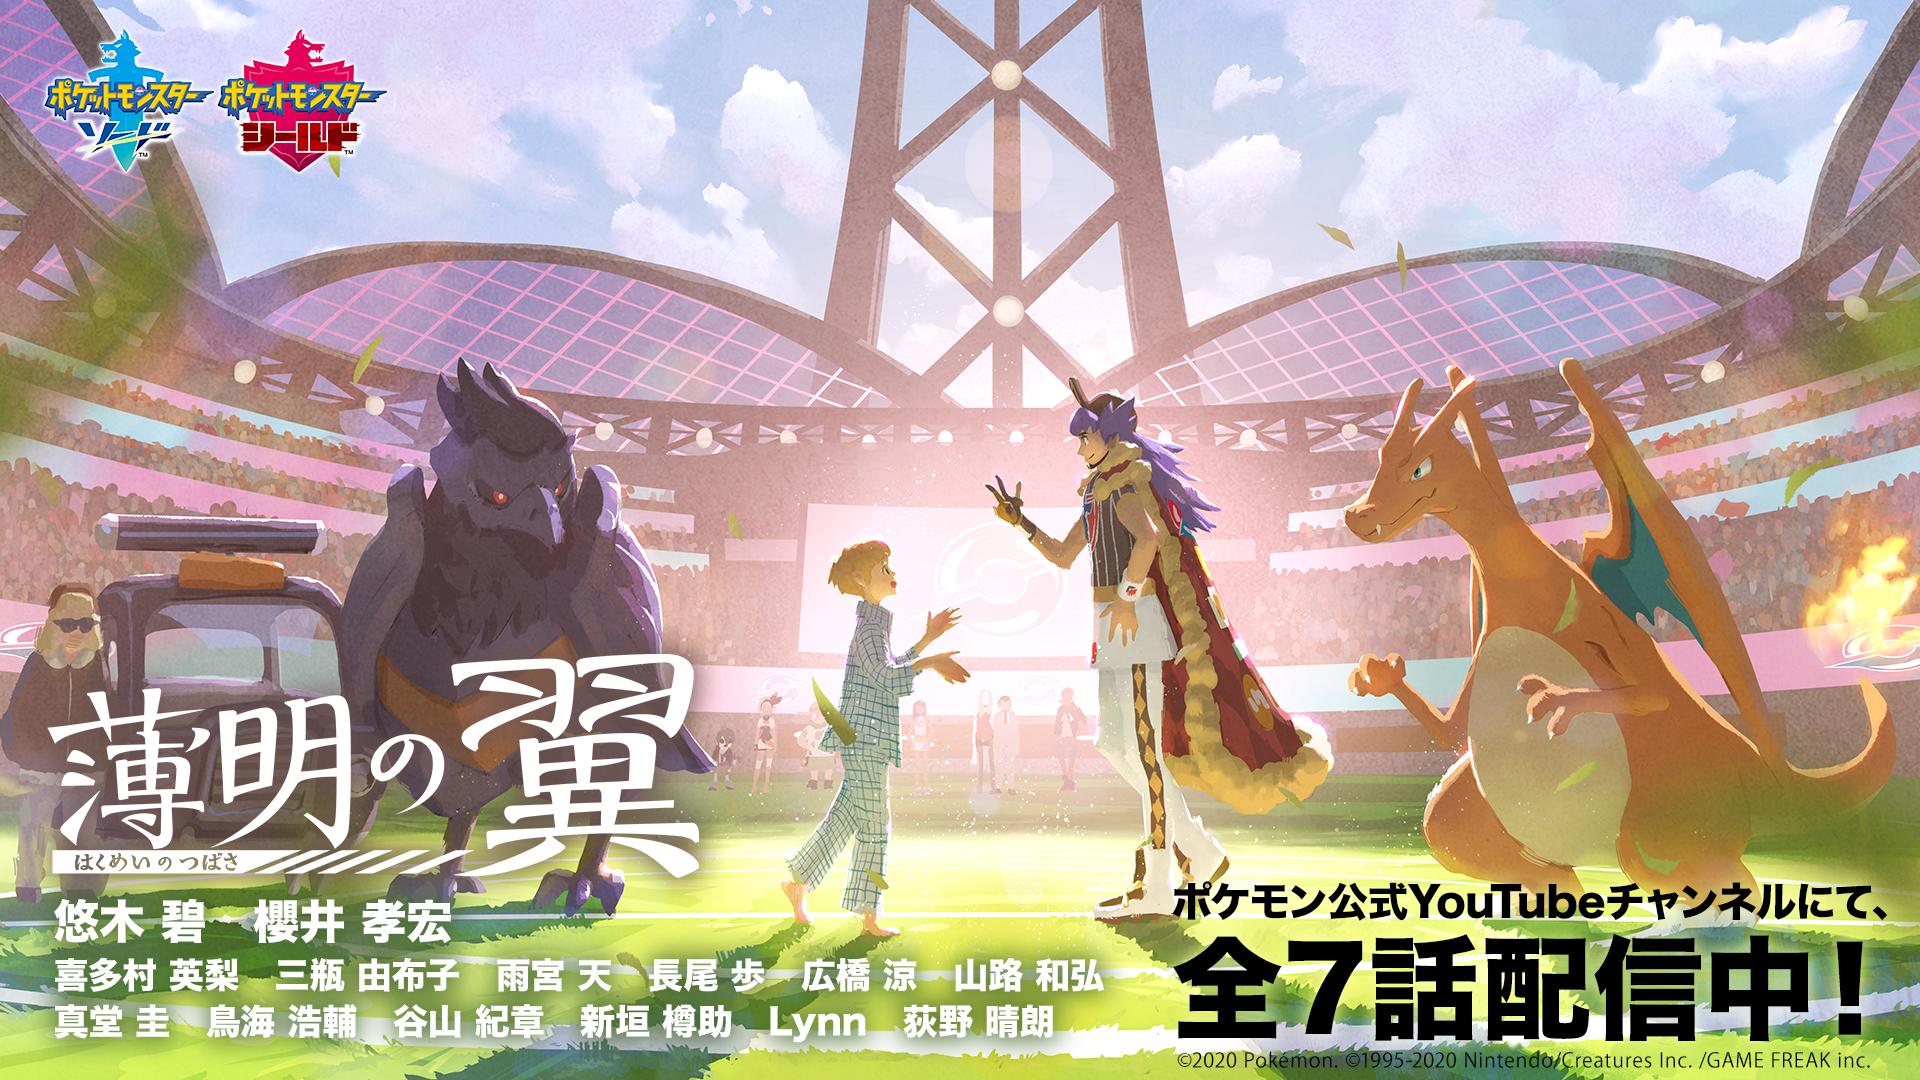 『ポケモン剣盾』舞台のWEBアニメ『薄明の翼』最終話公開!追加キャストに⿃海浩輔さん、⾕⼭紀章さん